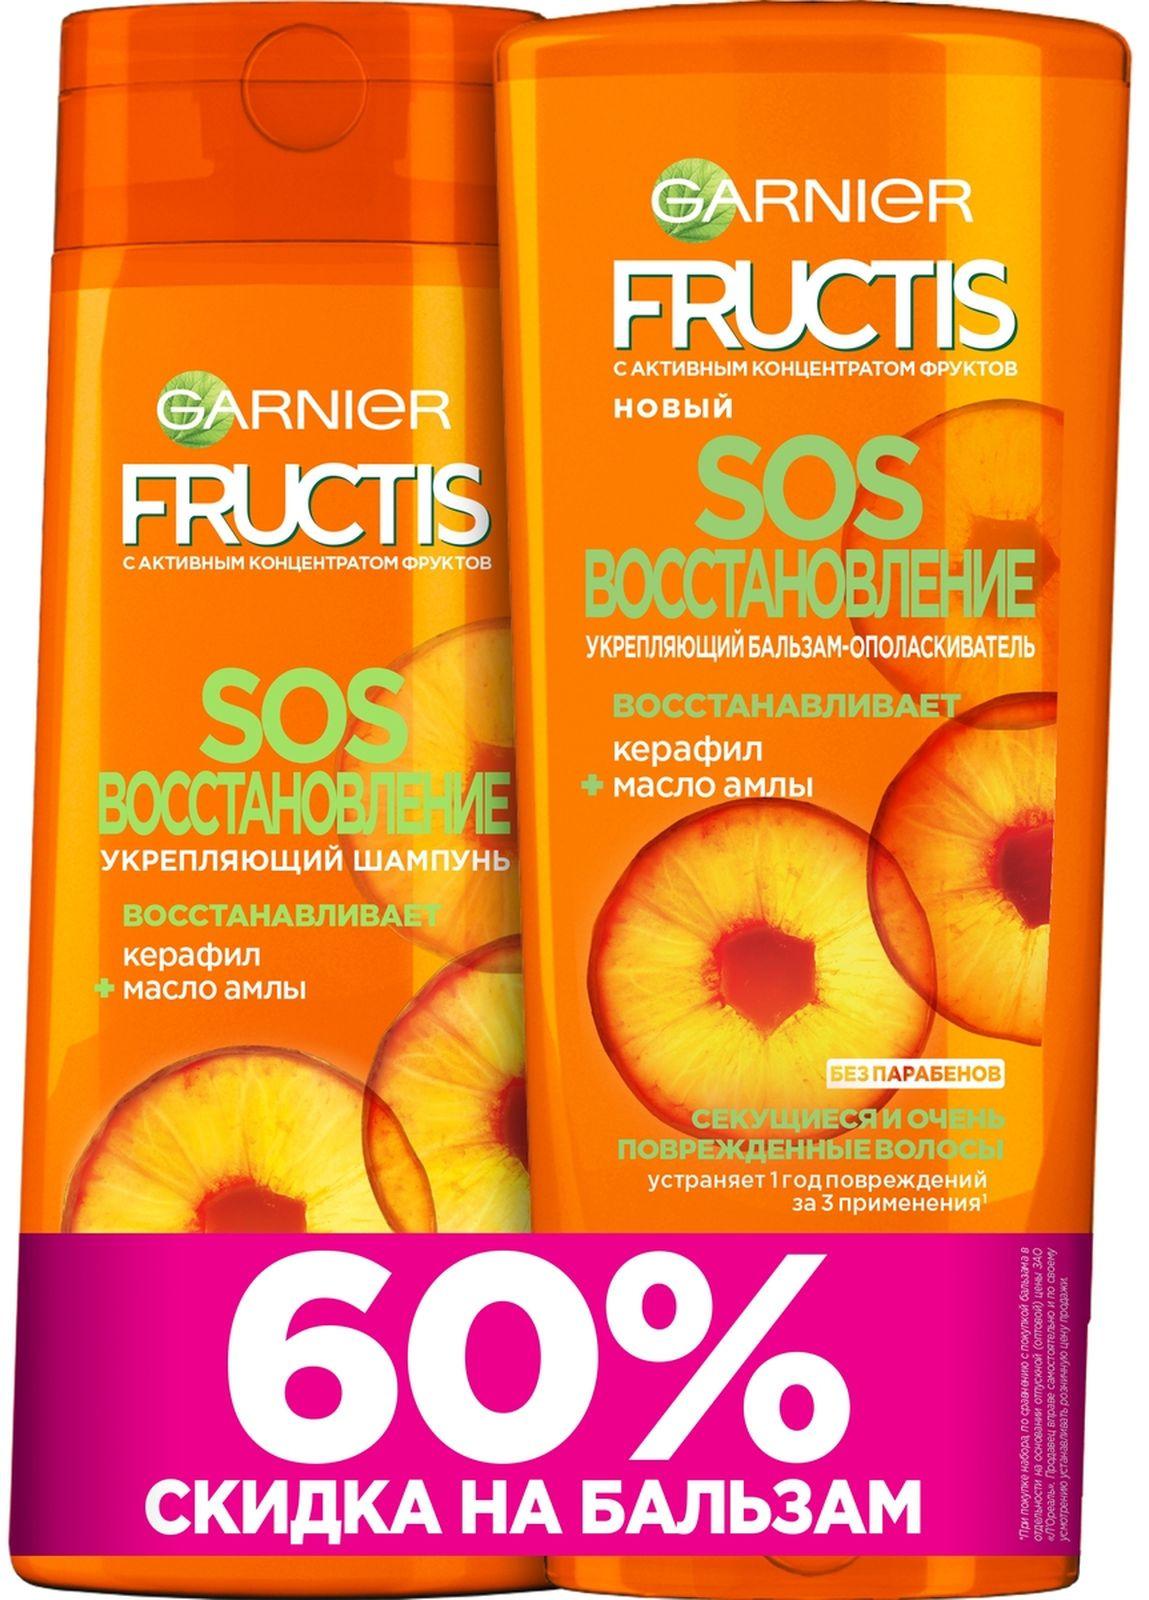 Шампунь Garnier Fructis SOS Восстановление, для секущихся и очень поврежденных волос, 400 мл + бальзам, 387 мл Garnier